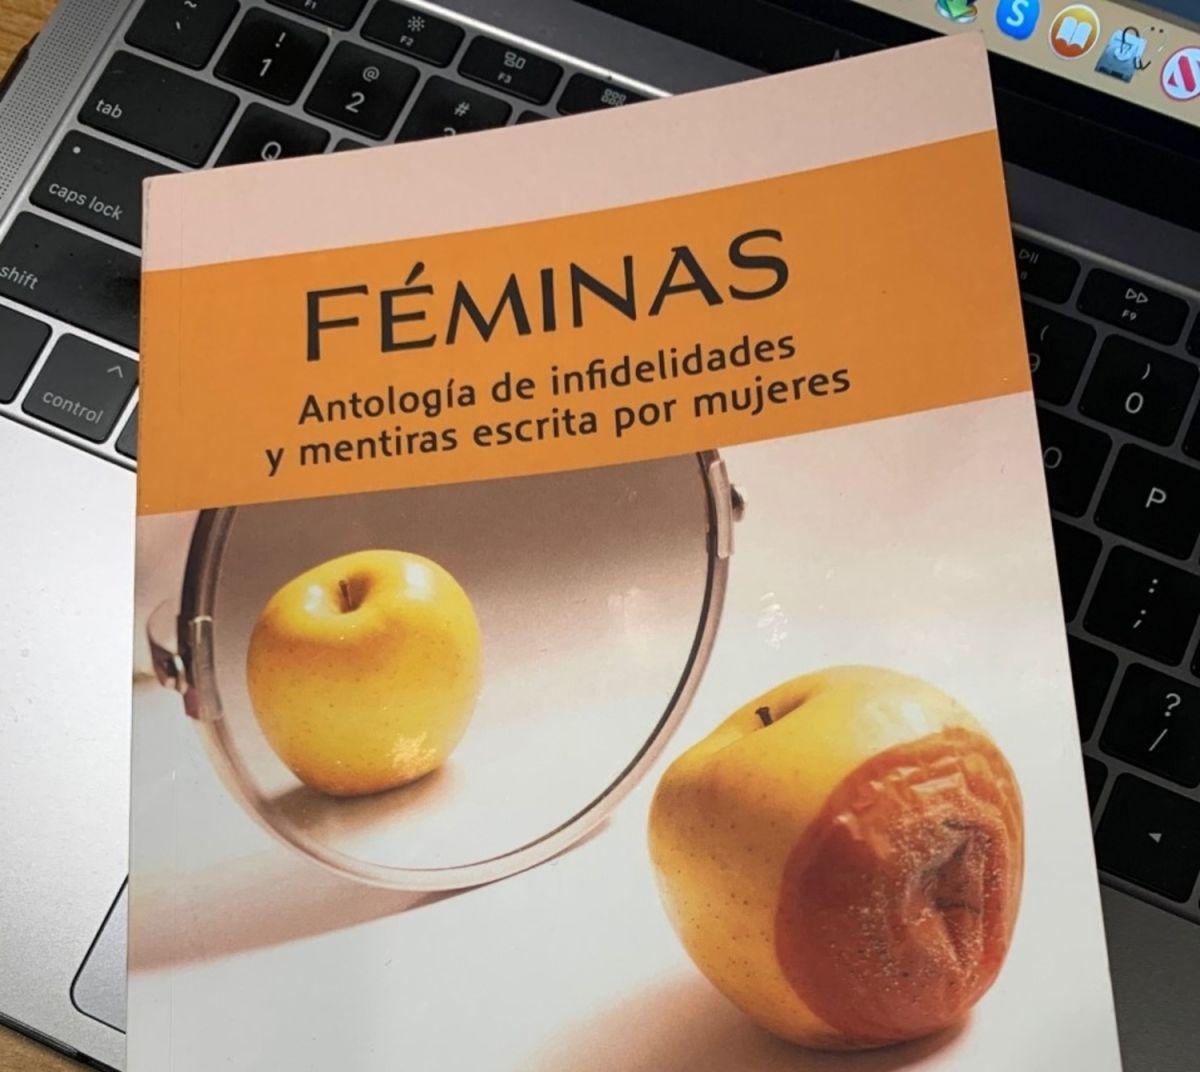 Féminas: una antología sobre el mundo interior de las mujeres